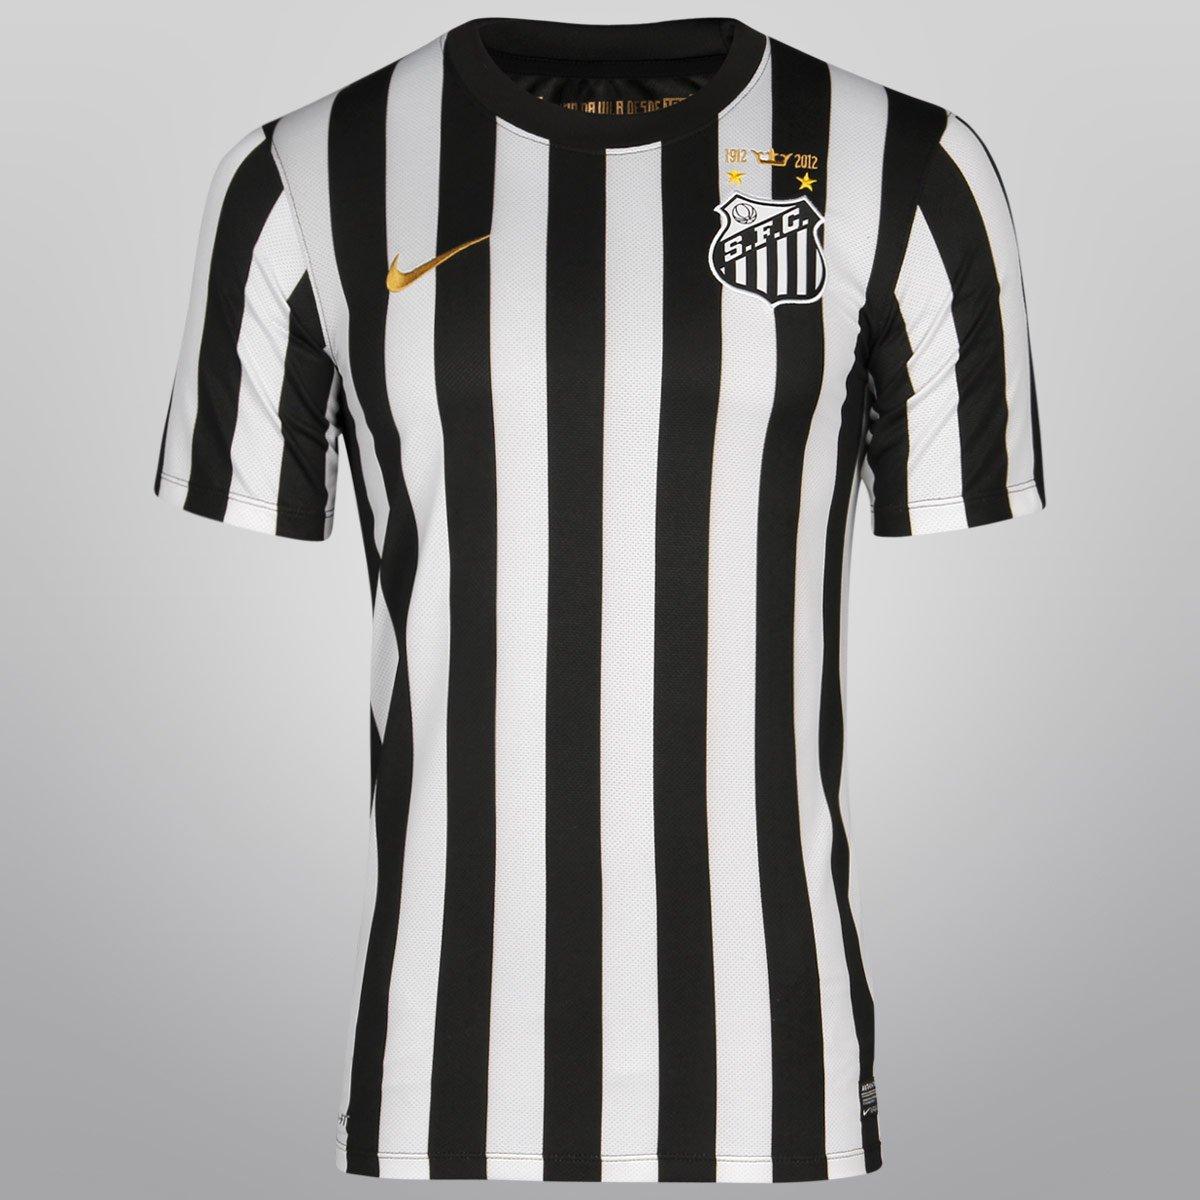 24d1b1b132 Camisa Nike Santos II 12 13 s nº - Compre Agora